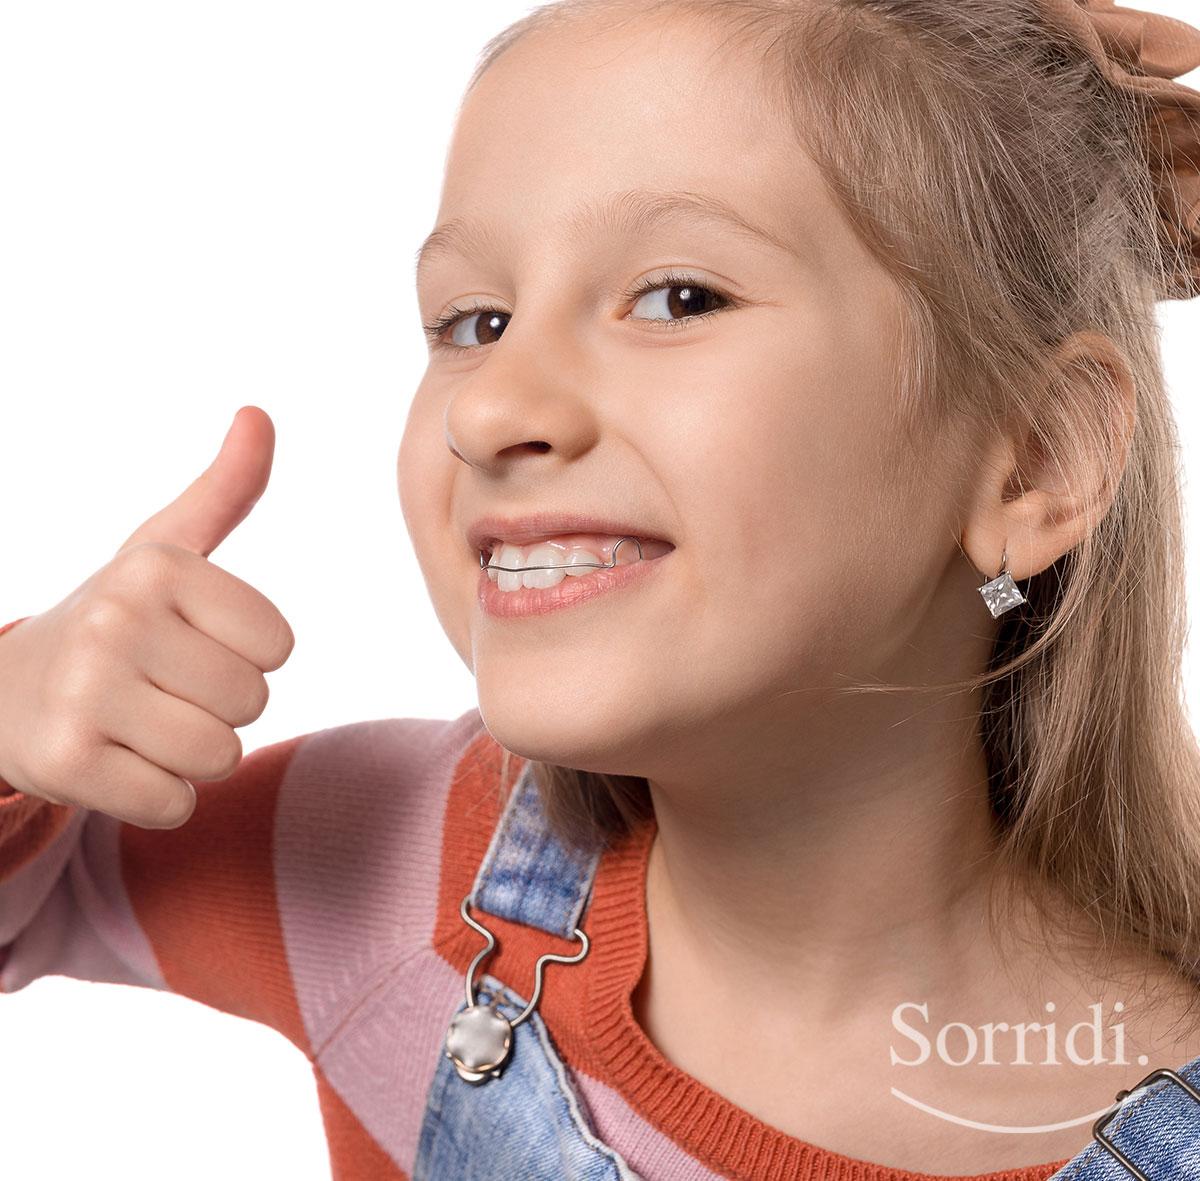 Sorridi-ch-magazine-apparecchio-ai-denti-per-bambini